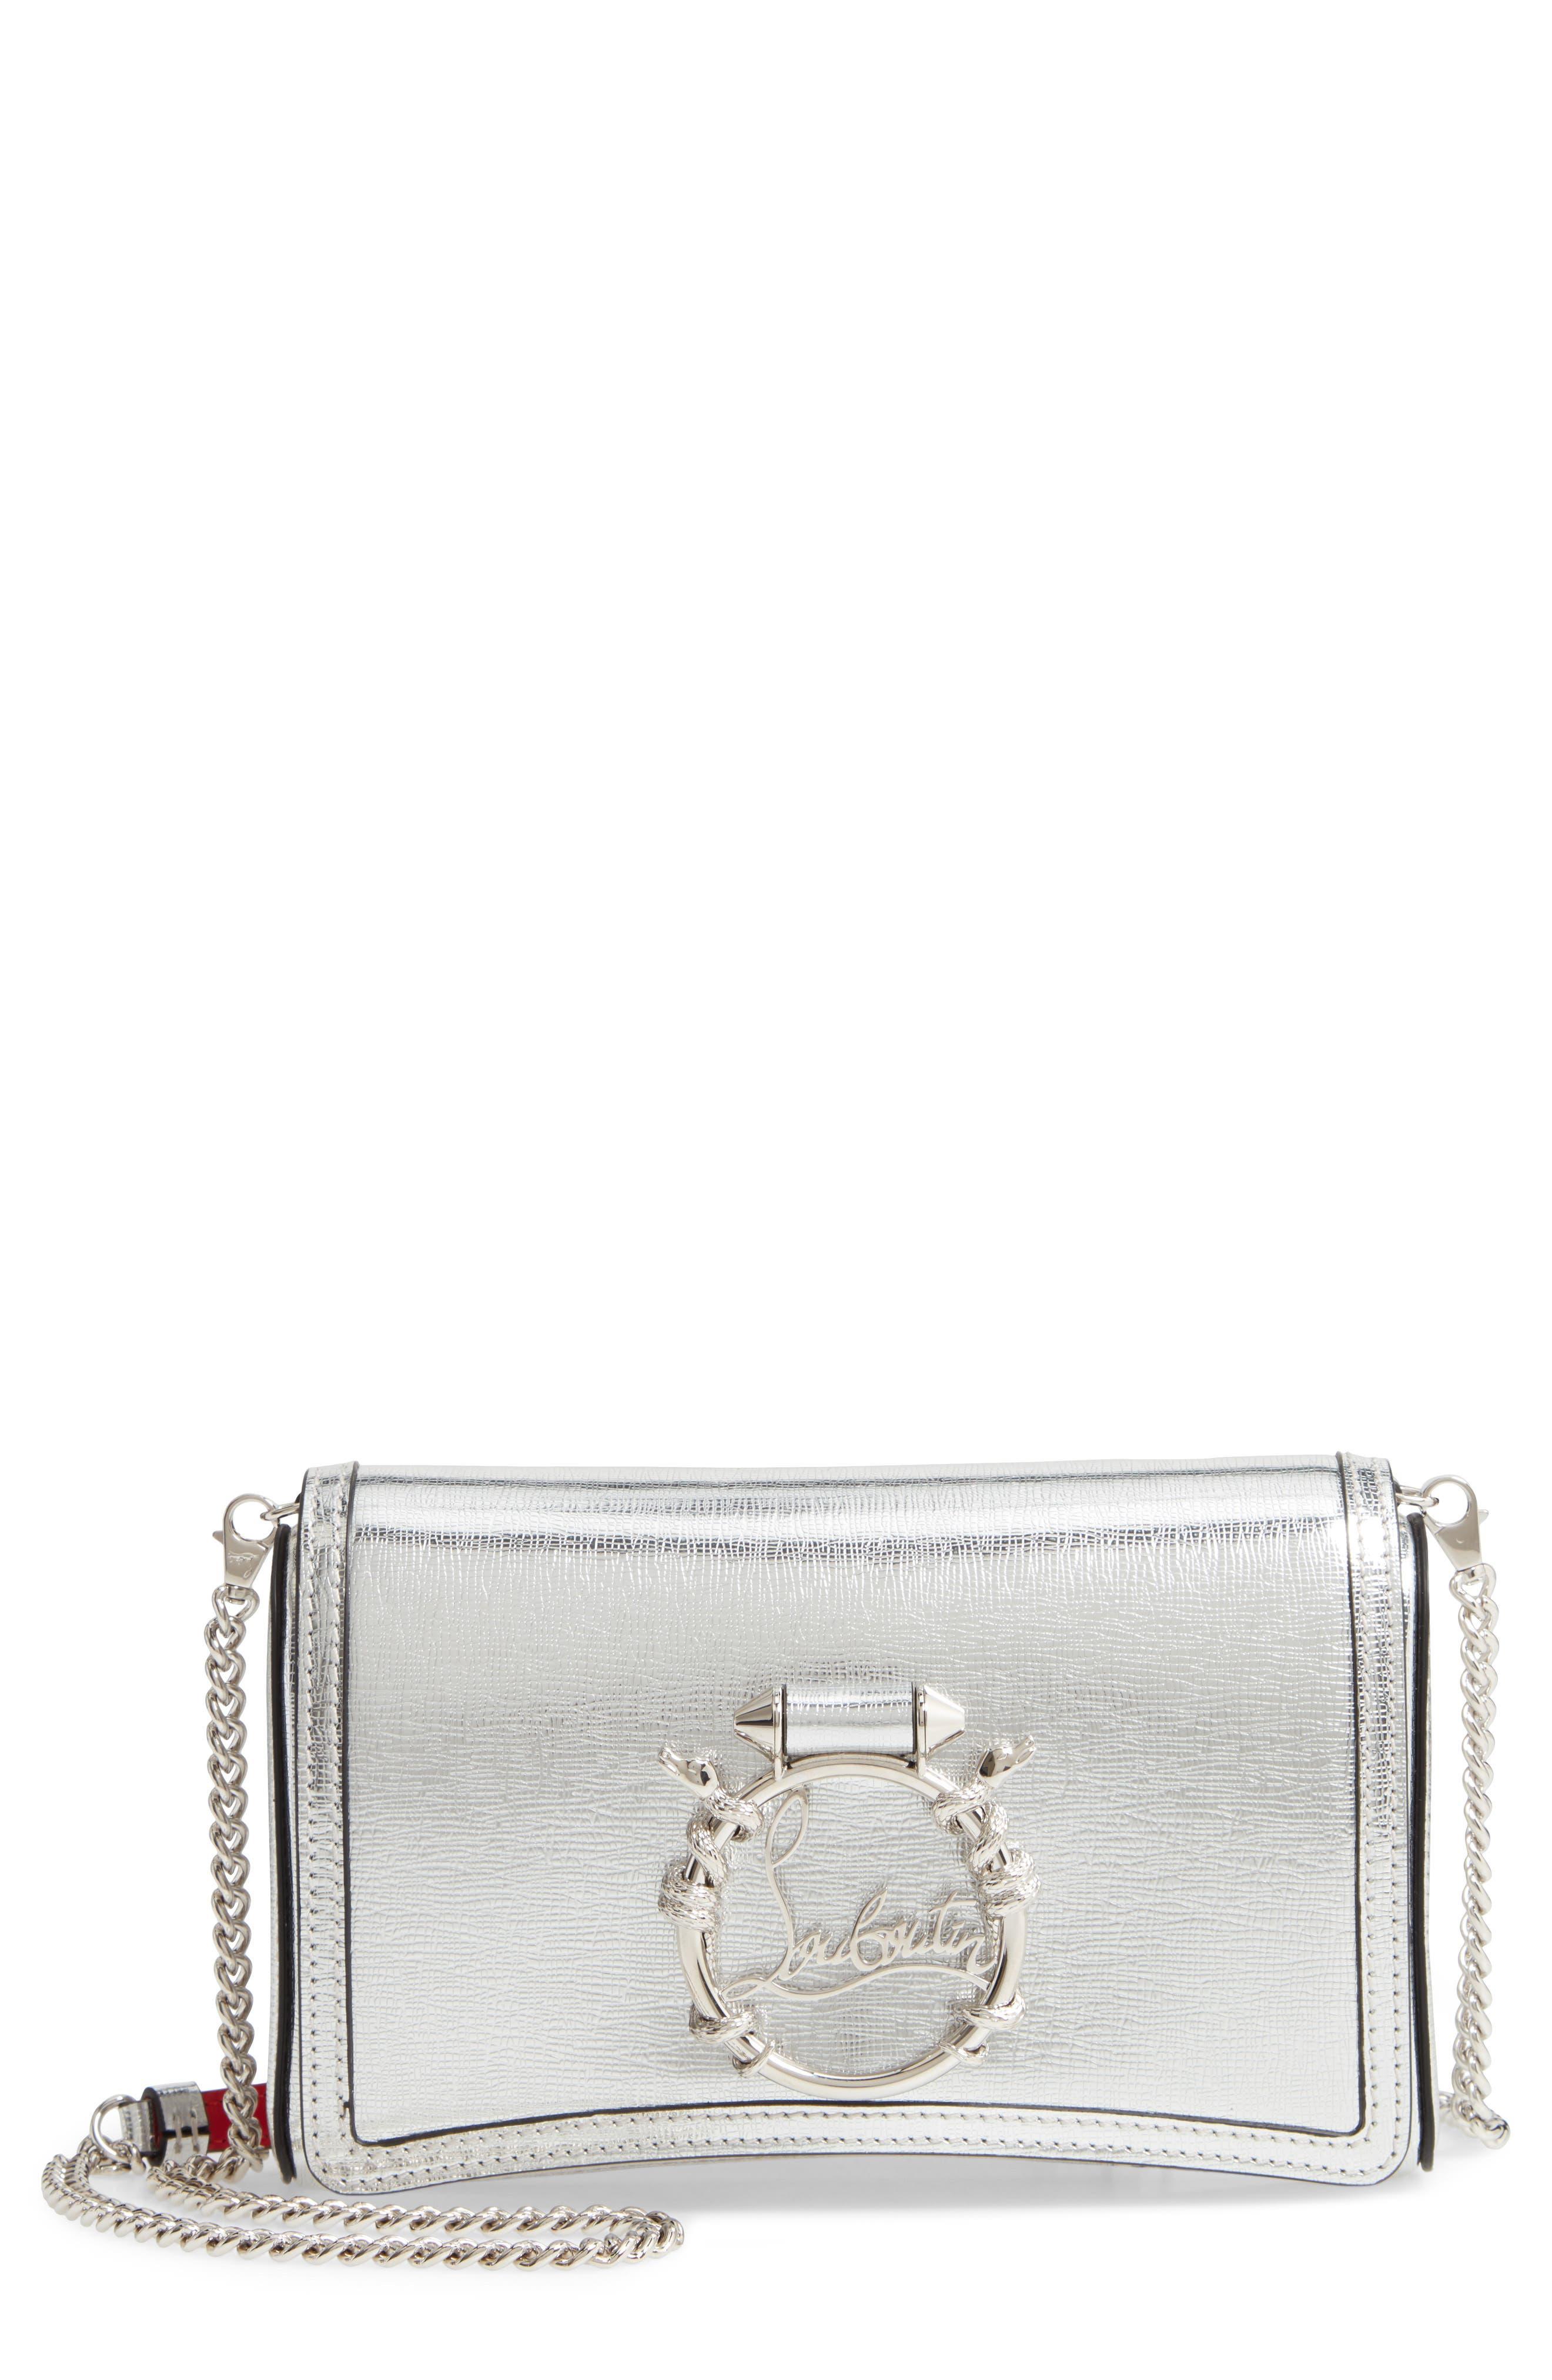 c3e9ce8ef7f2b9 Women's Designer Handbags & Wallets   Nordstrom